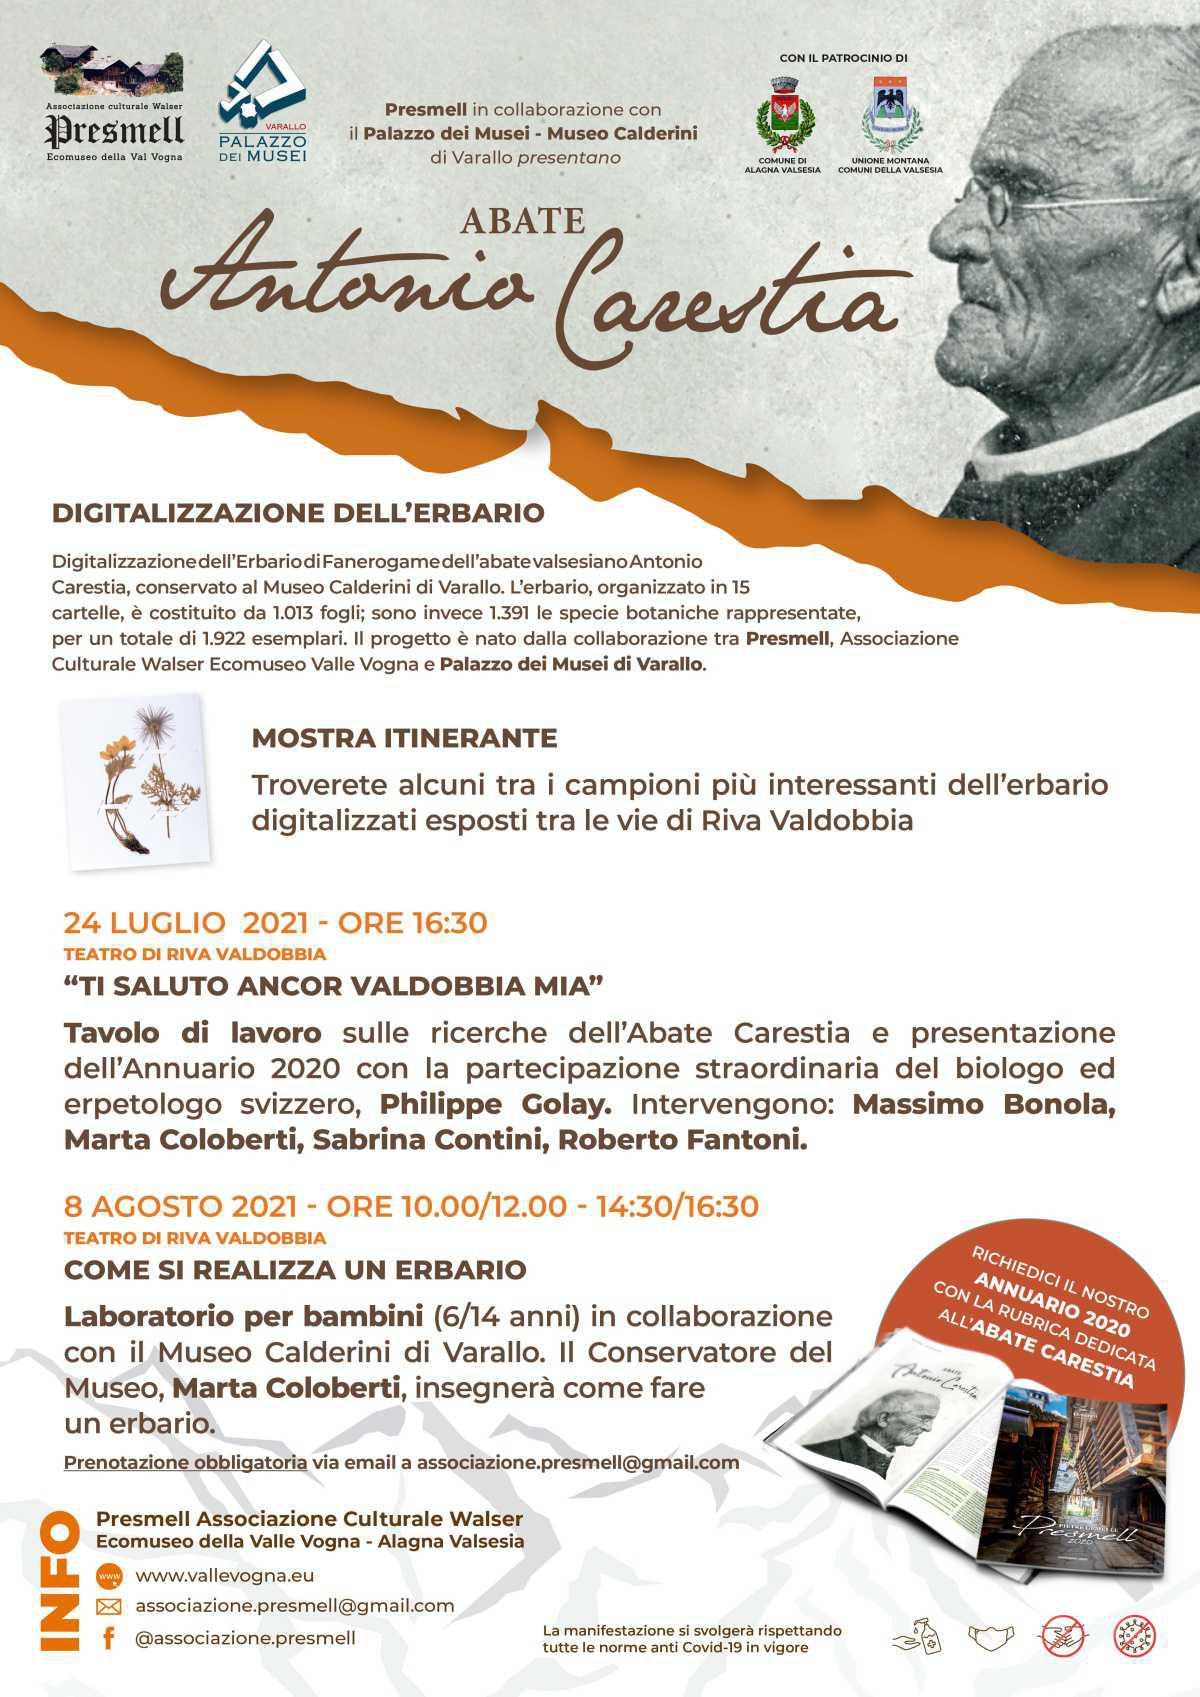 Digitalizzazione dell'erbario - Riva Valdobbia